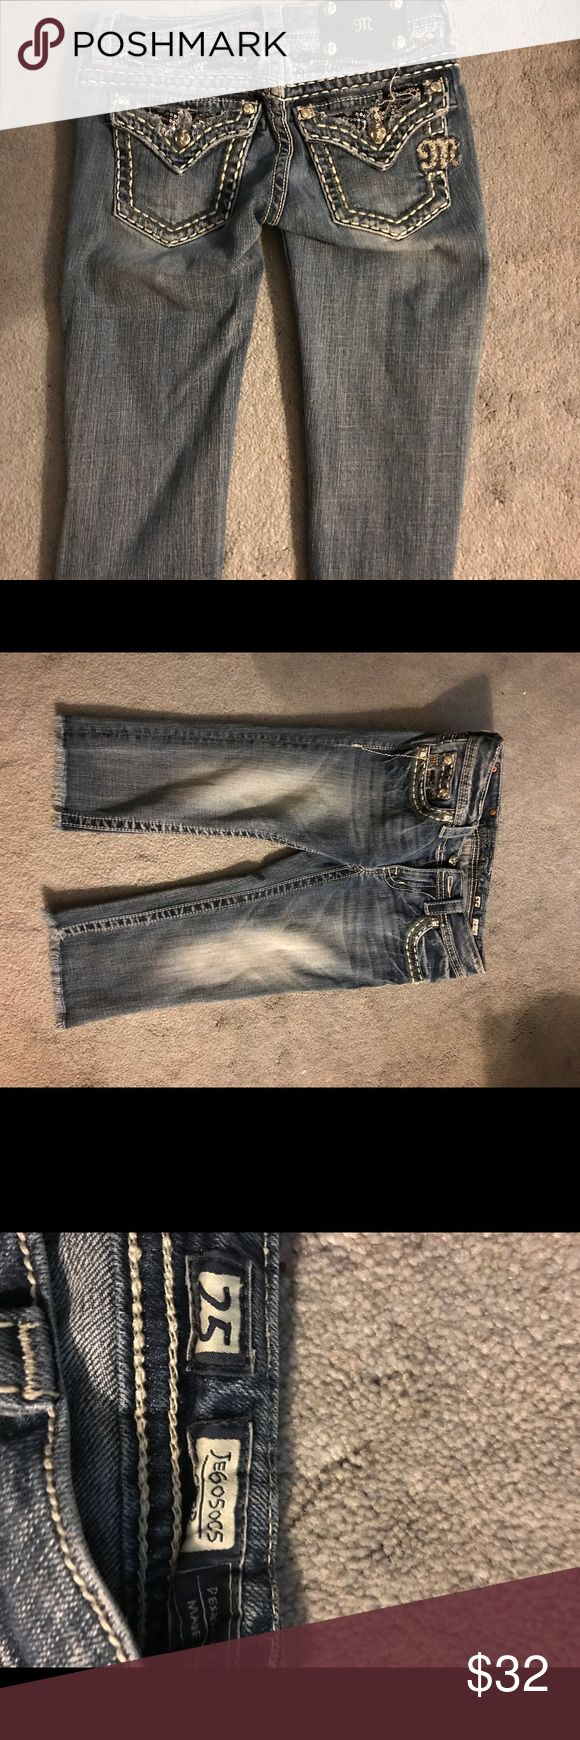 Excellent miss me capris size 25 Excellent miss me capris size 25 Miss Me Pants Capris